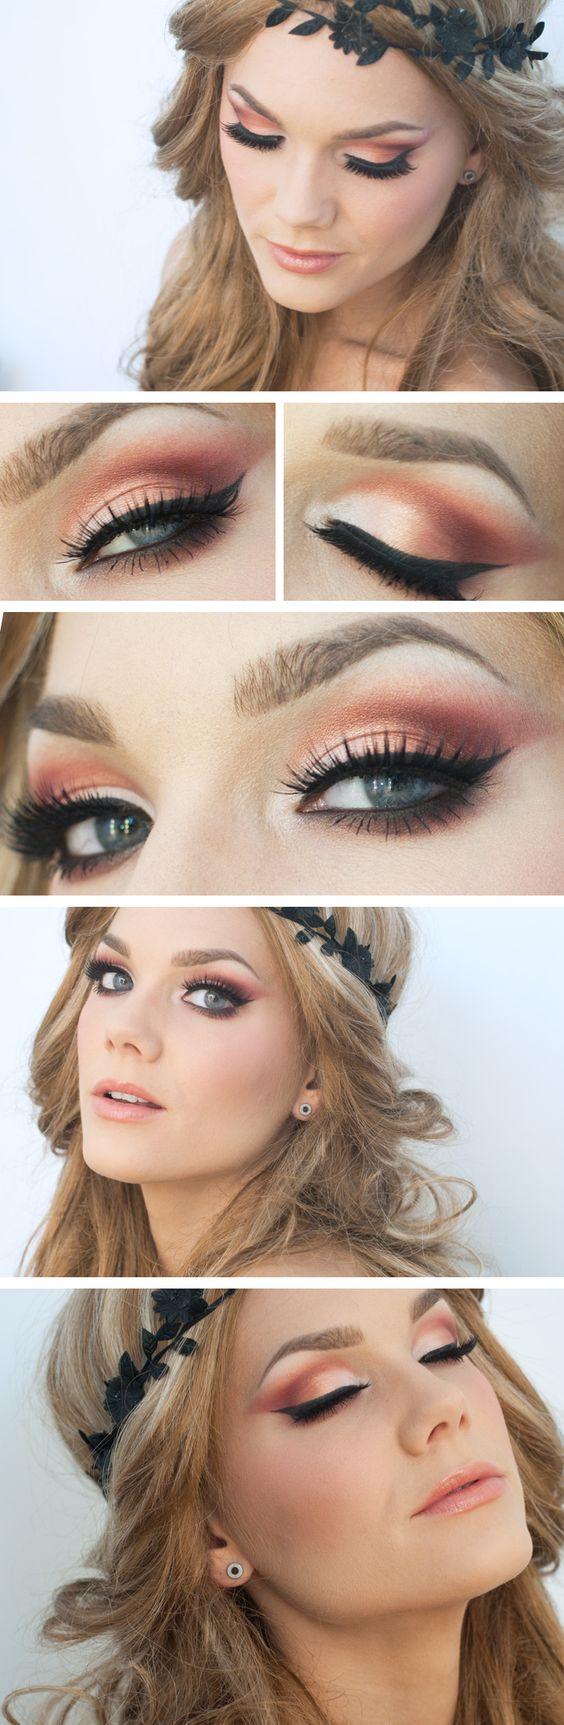 maquiagem verao dicas fotos 1